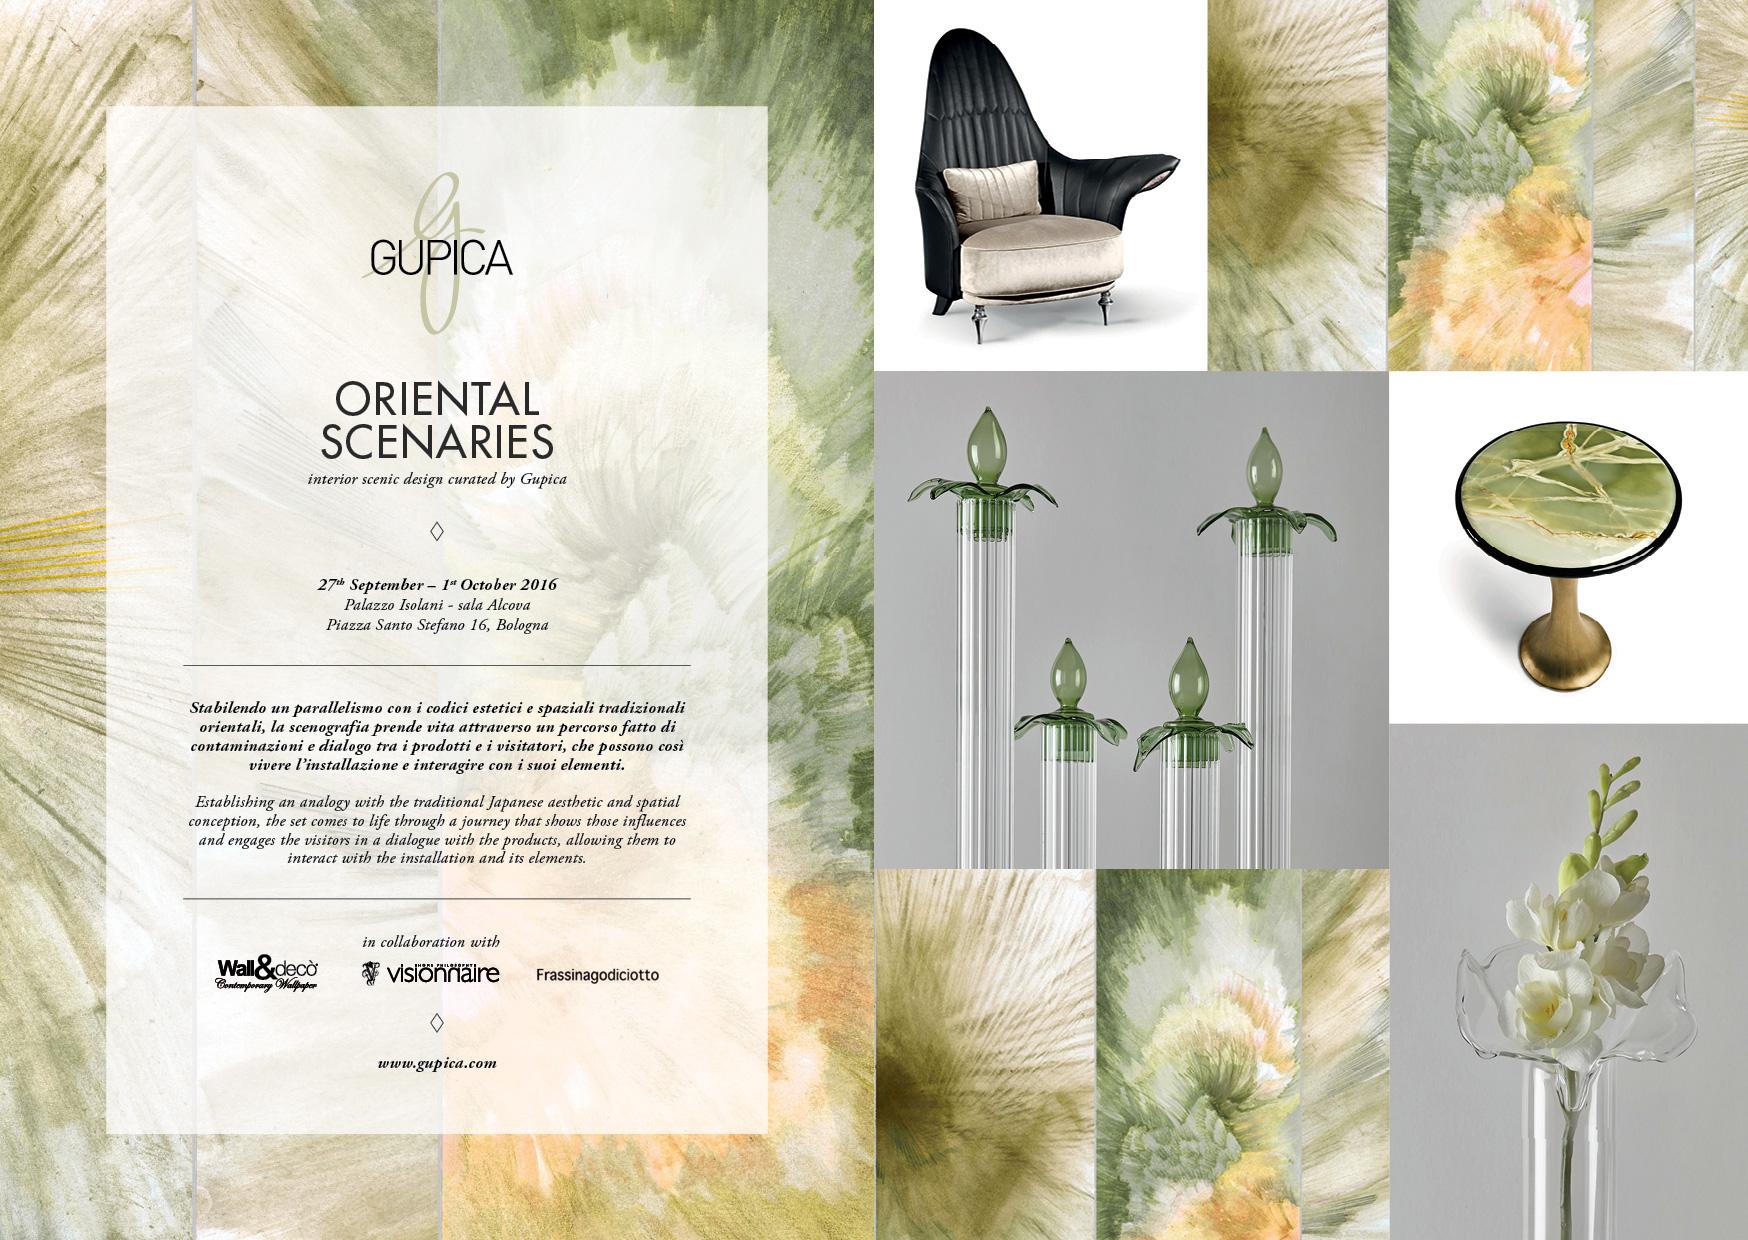 gupica_orientalscenaries-invito